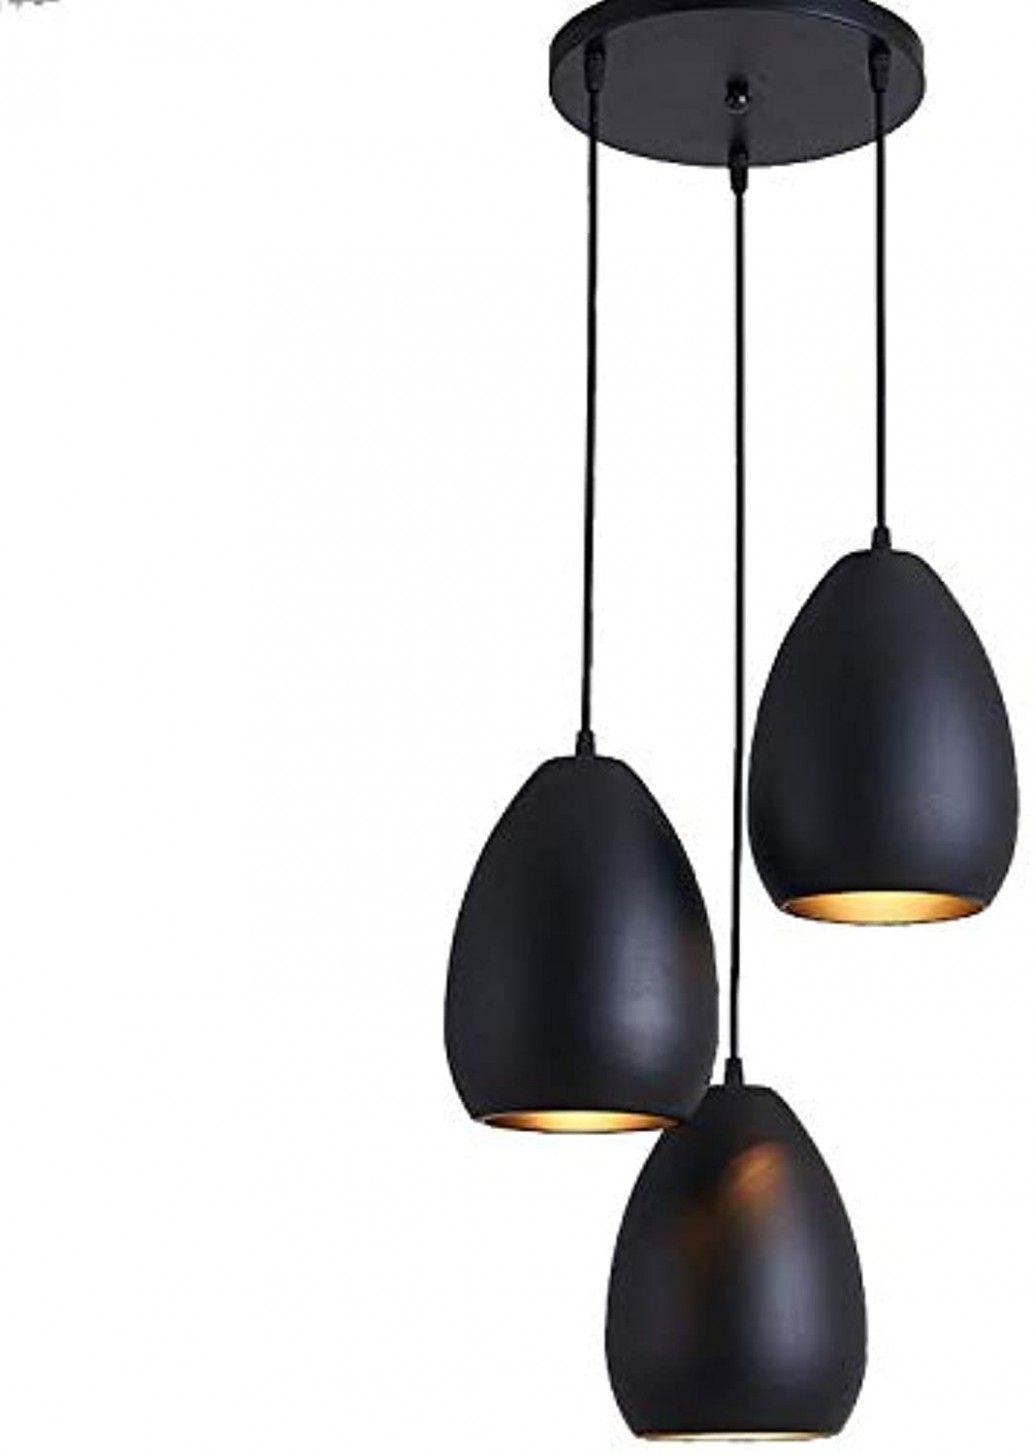 8+ Wohnzimmer Lampe Stylisch Ideen in 8  Home decor, Decor